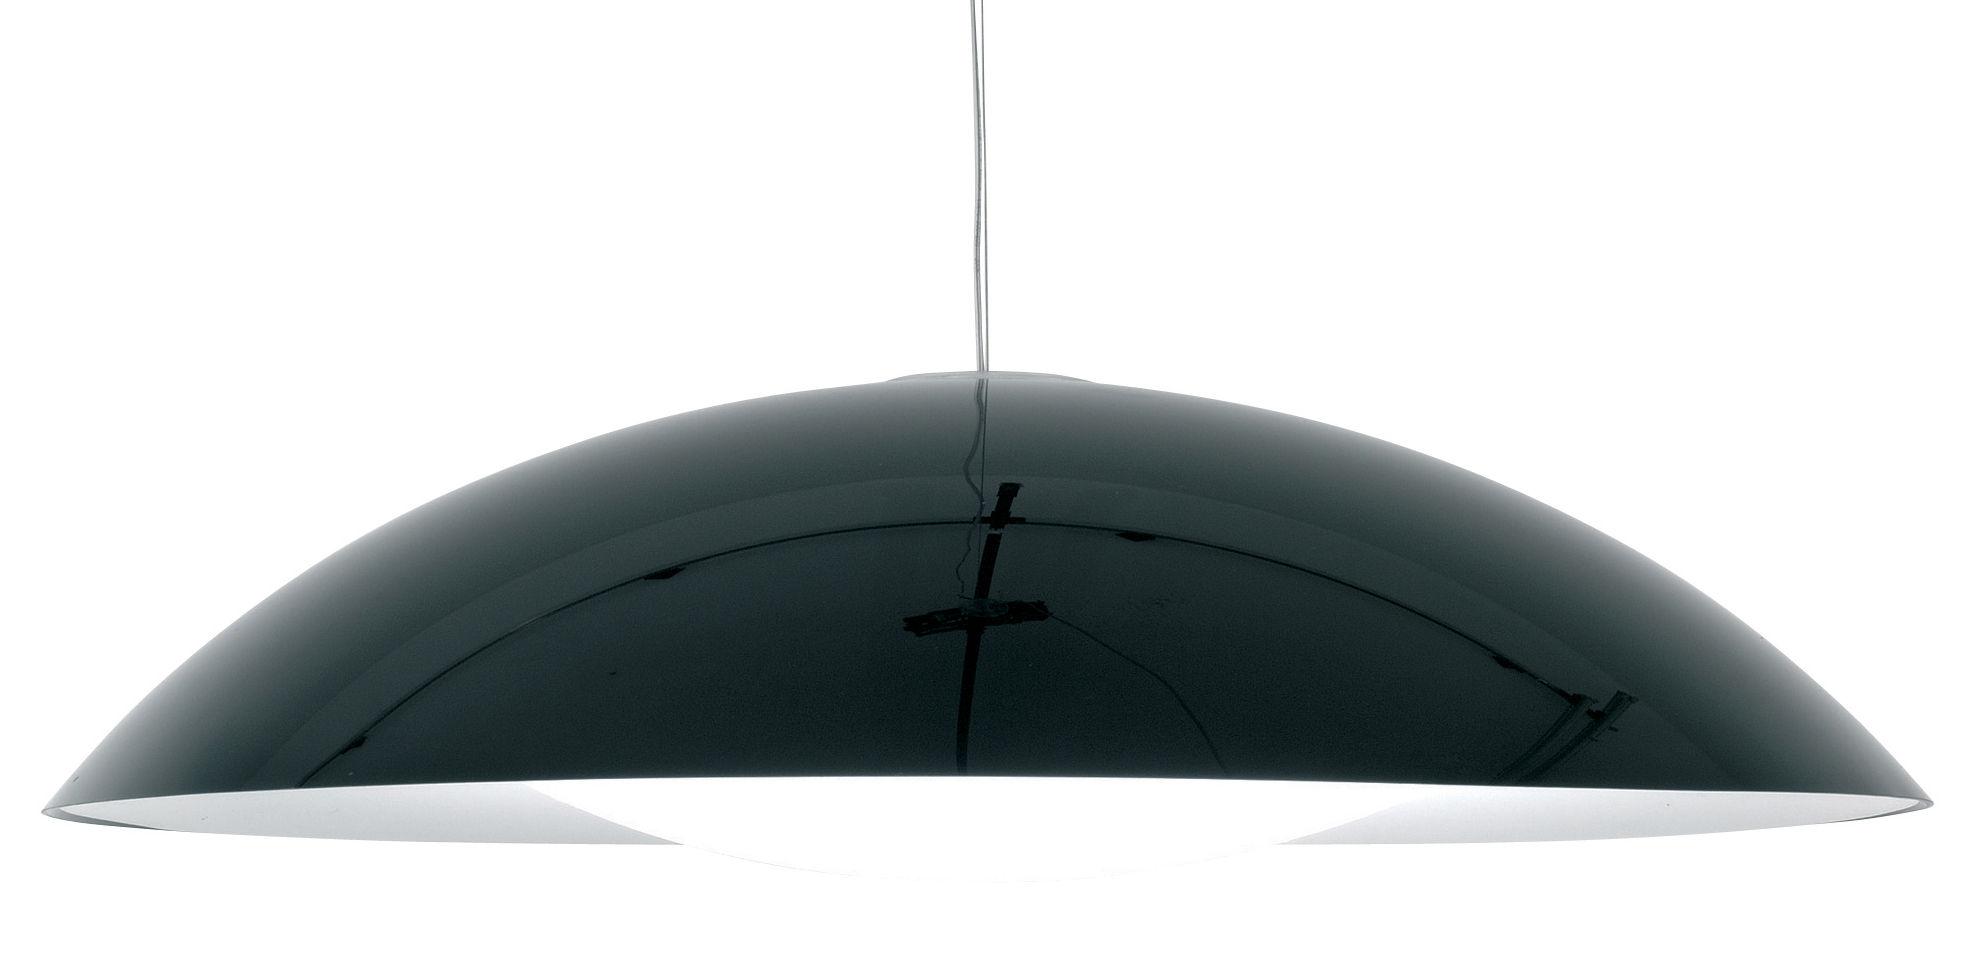 Illuminazione - Lampadari - Sospensione Neutra di Kartell - Nero - PMMA